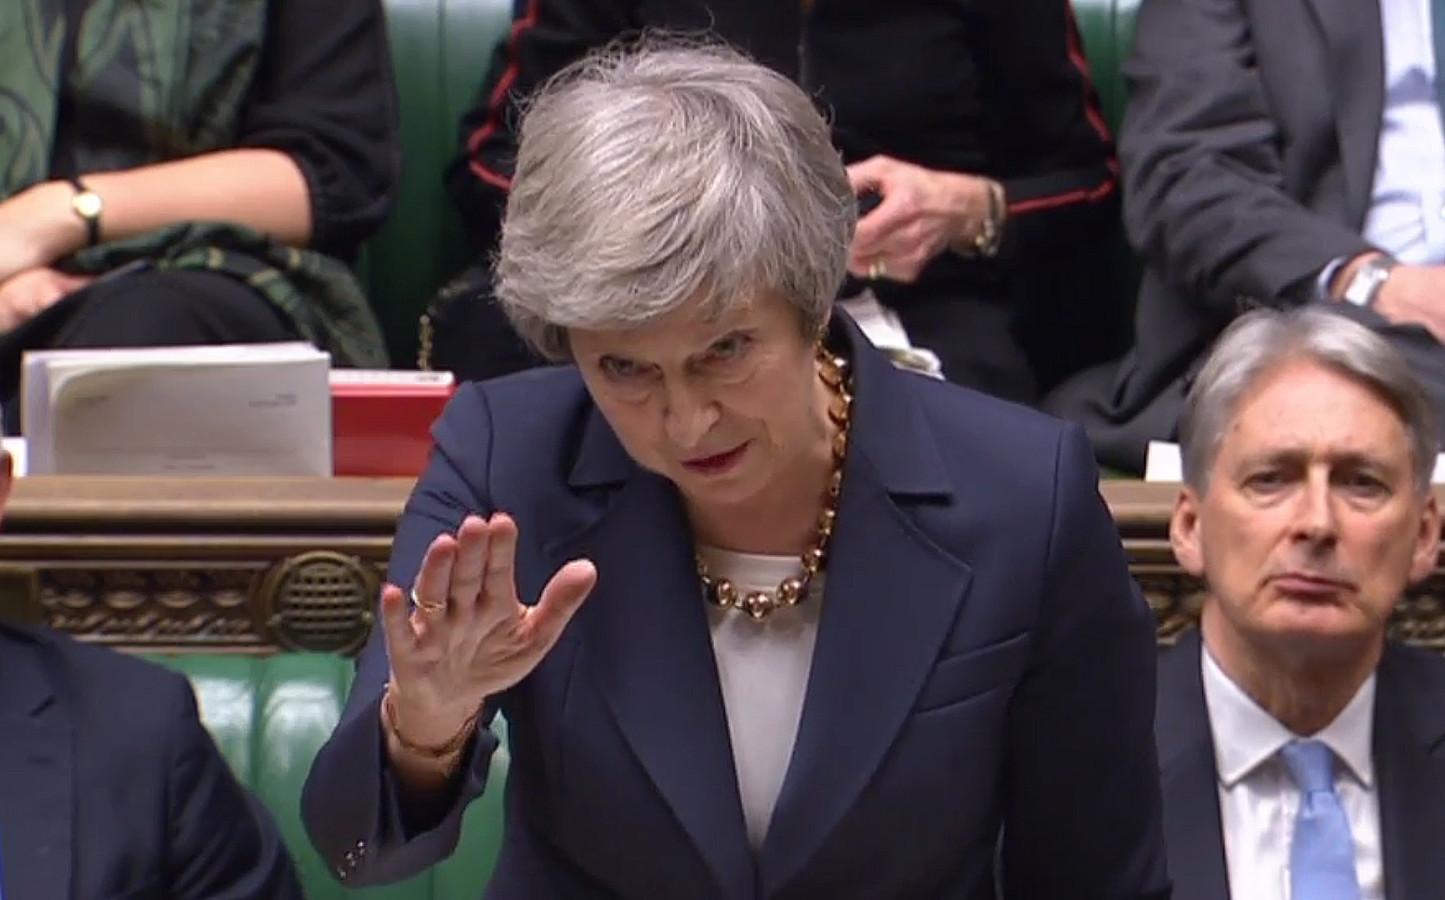 In het Britse parlement wordt dinsdag 11 december gestemd over 'deal' of 'no deal'. Bij 'no deal' is de kans groot dat de Nederlandse noodwet nodig zal zijn.